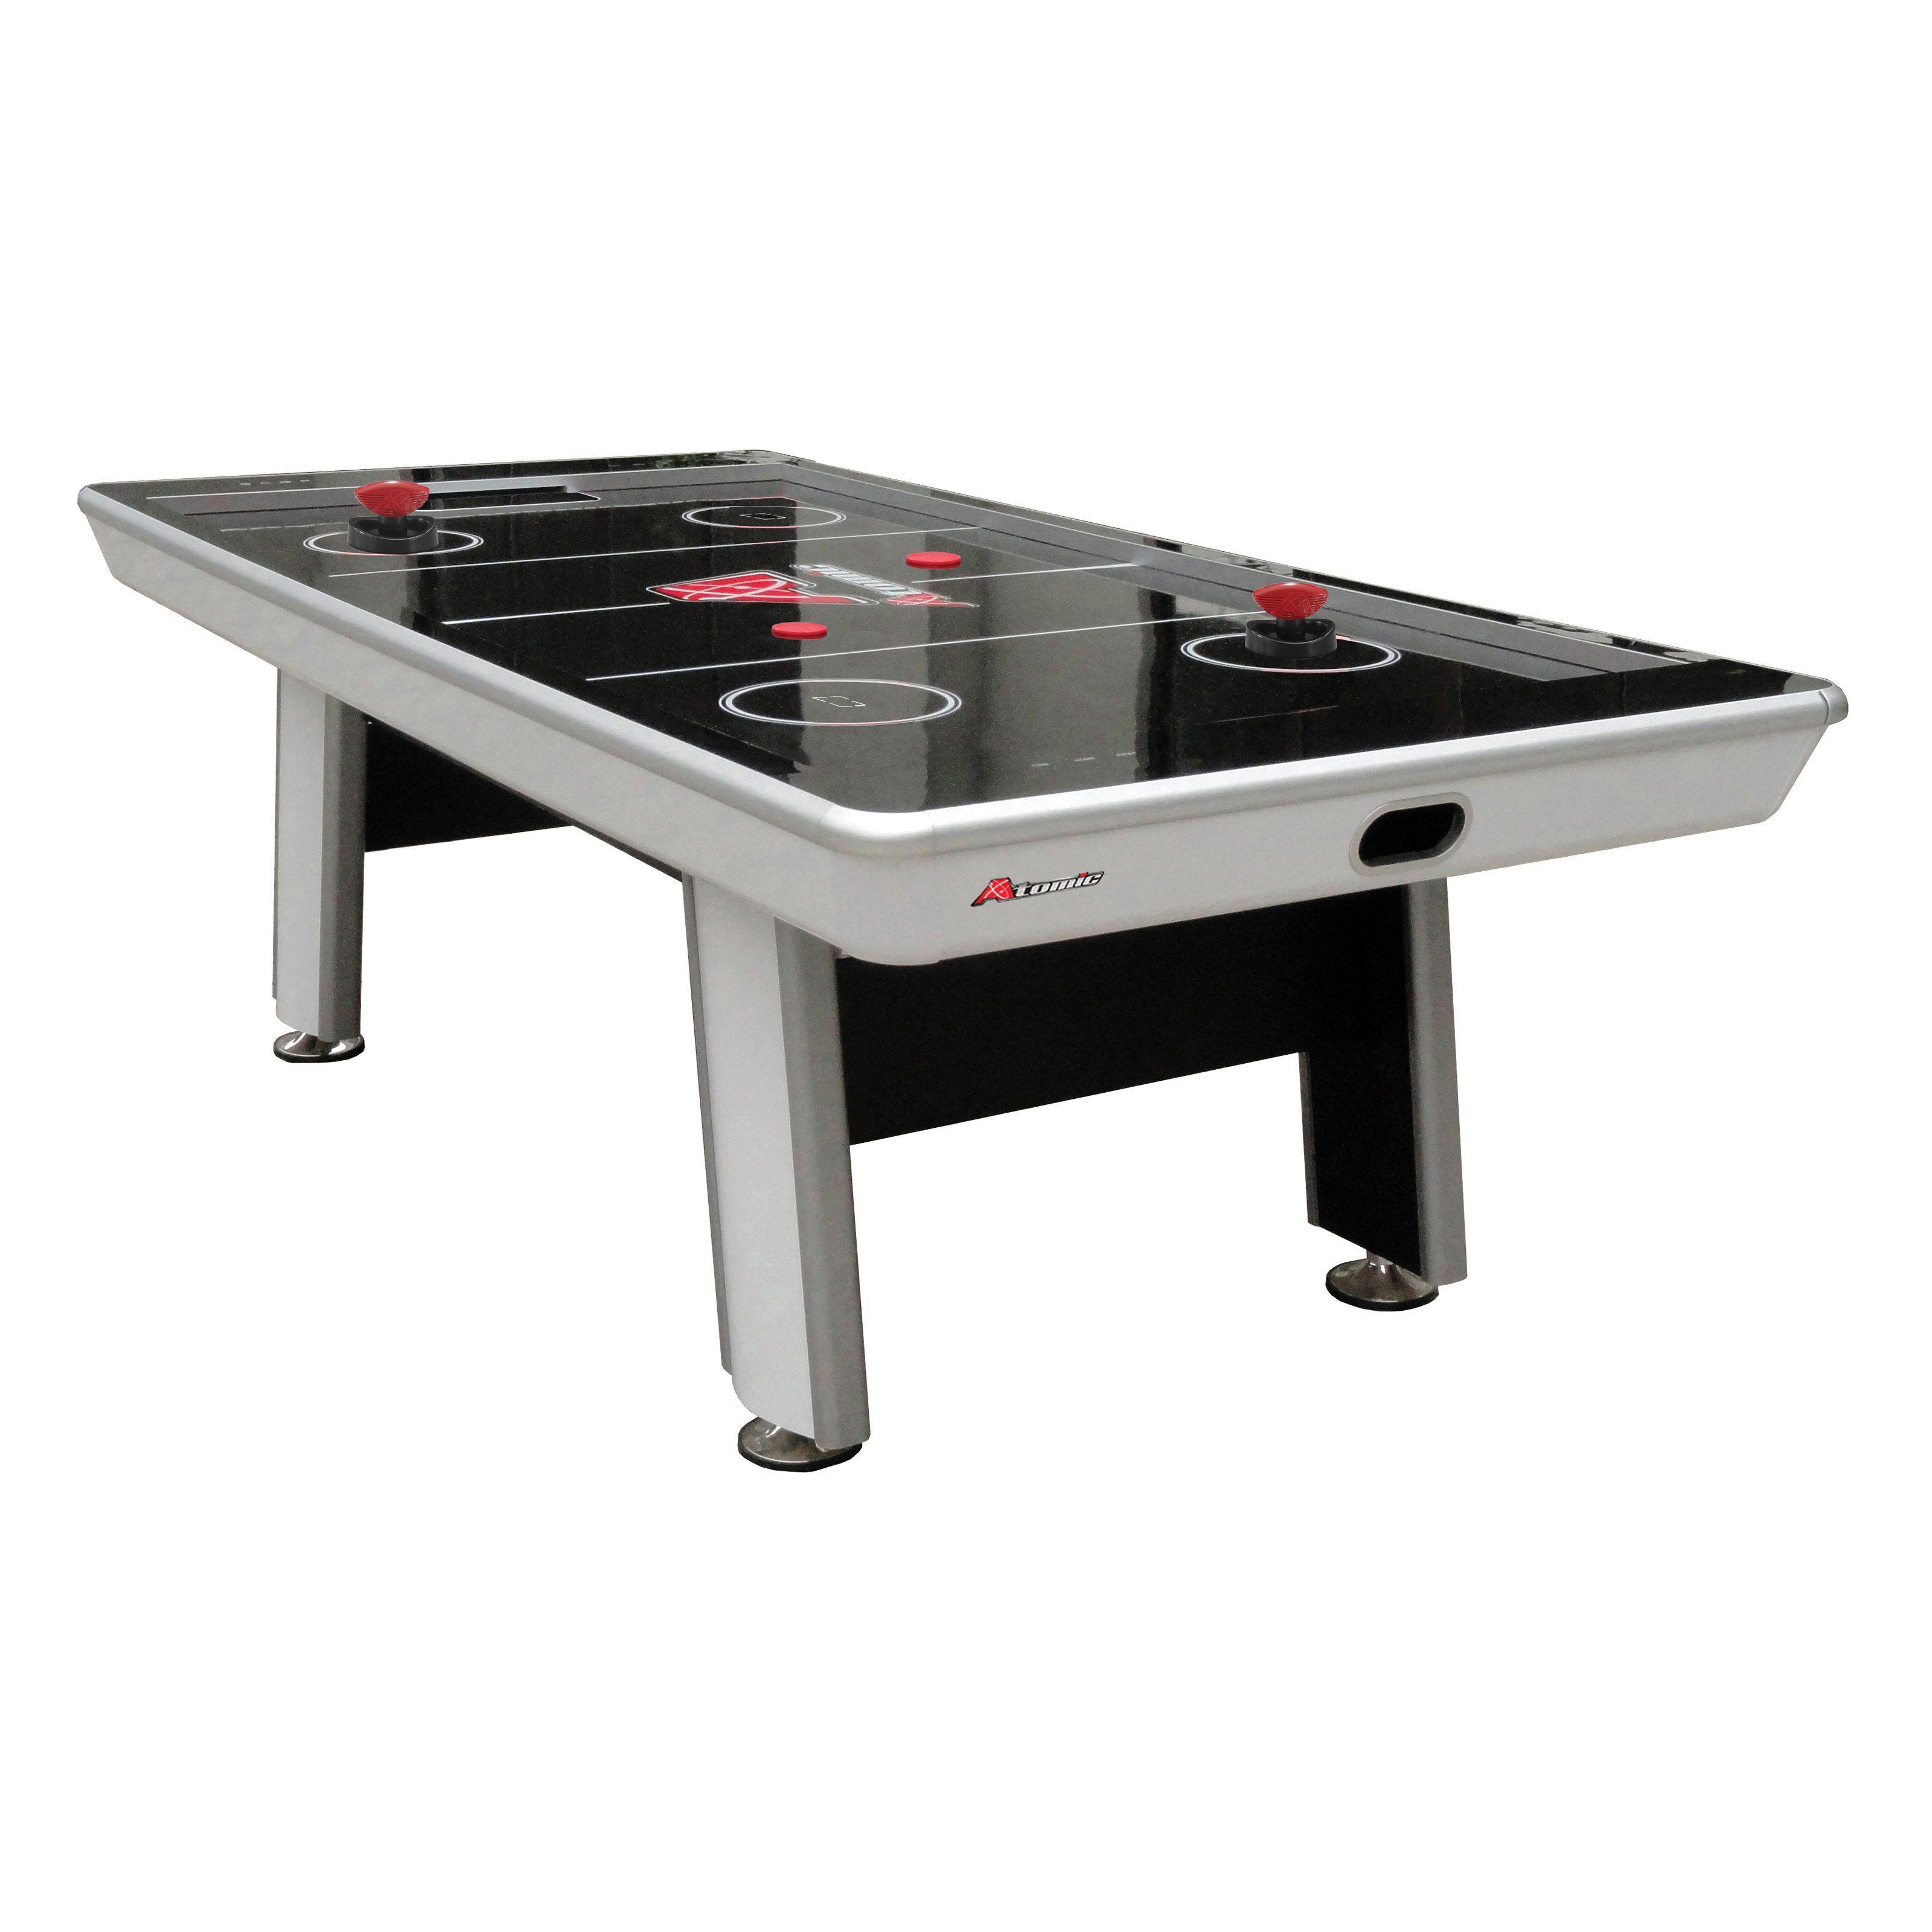 Atomic Avenger 8 Ft Air Hockey Table Www Hayneedle Com Air Hockey Air Hockey Table Air Hockey Tables